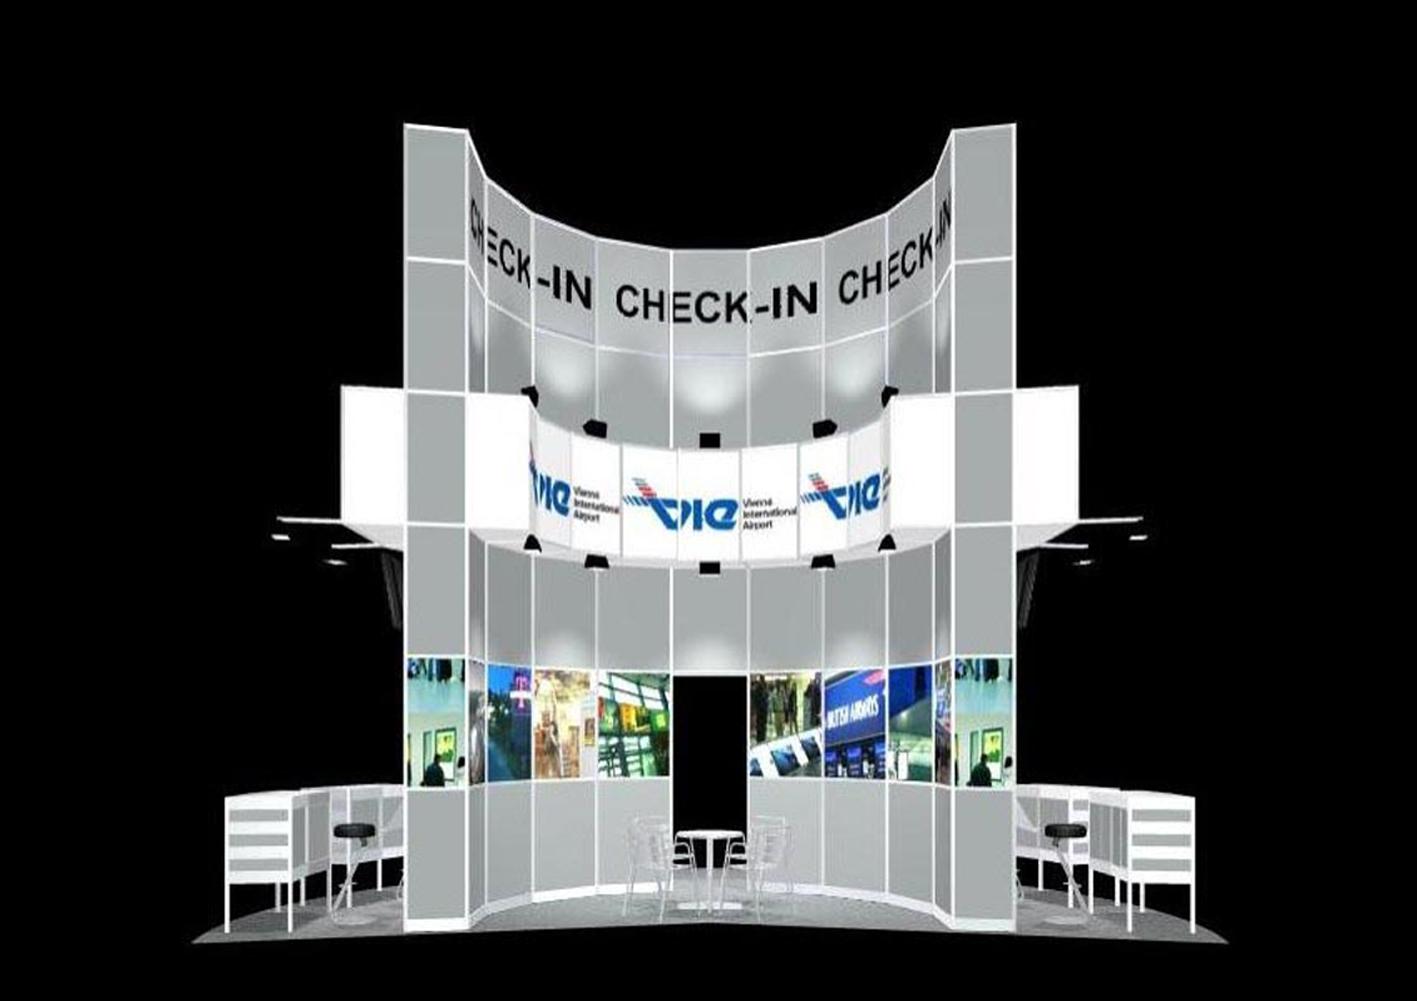 13 Flughafen Wien, aufstrebend, hoch, dem Design der Terminals Airport Schwechat nachempfunden